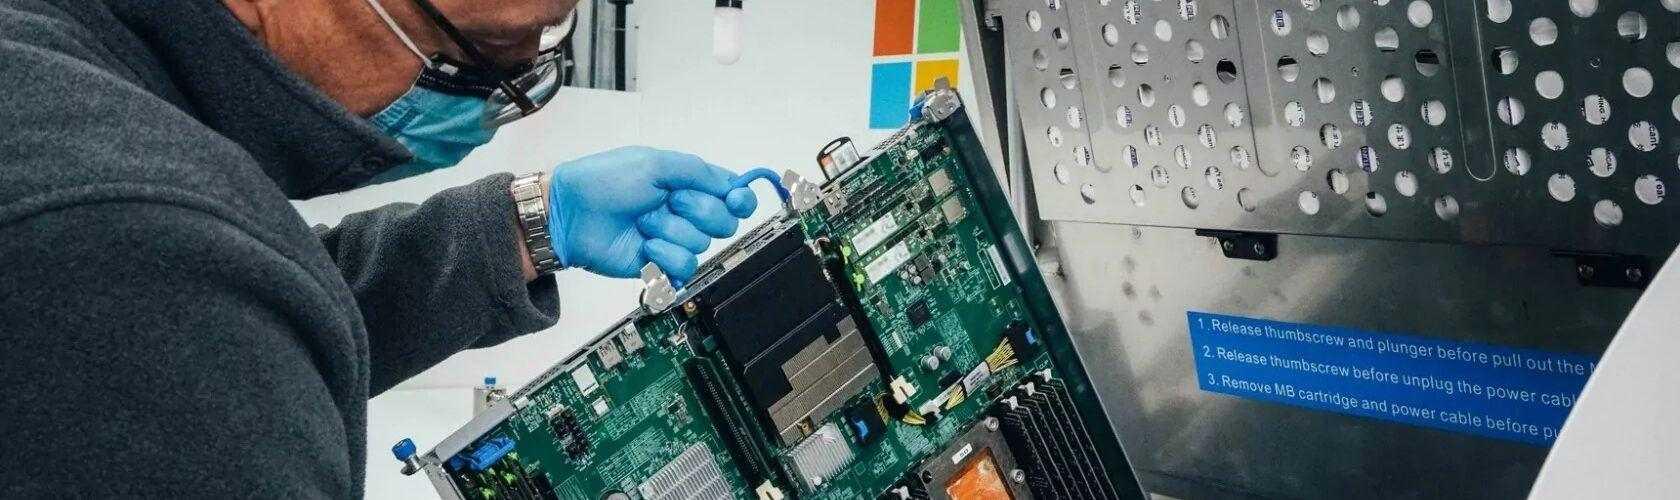 Microsoft ще потапя своите сървъри в специална течност, за да повиши тяхната производителност